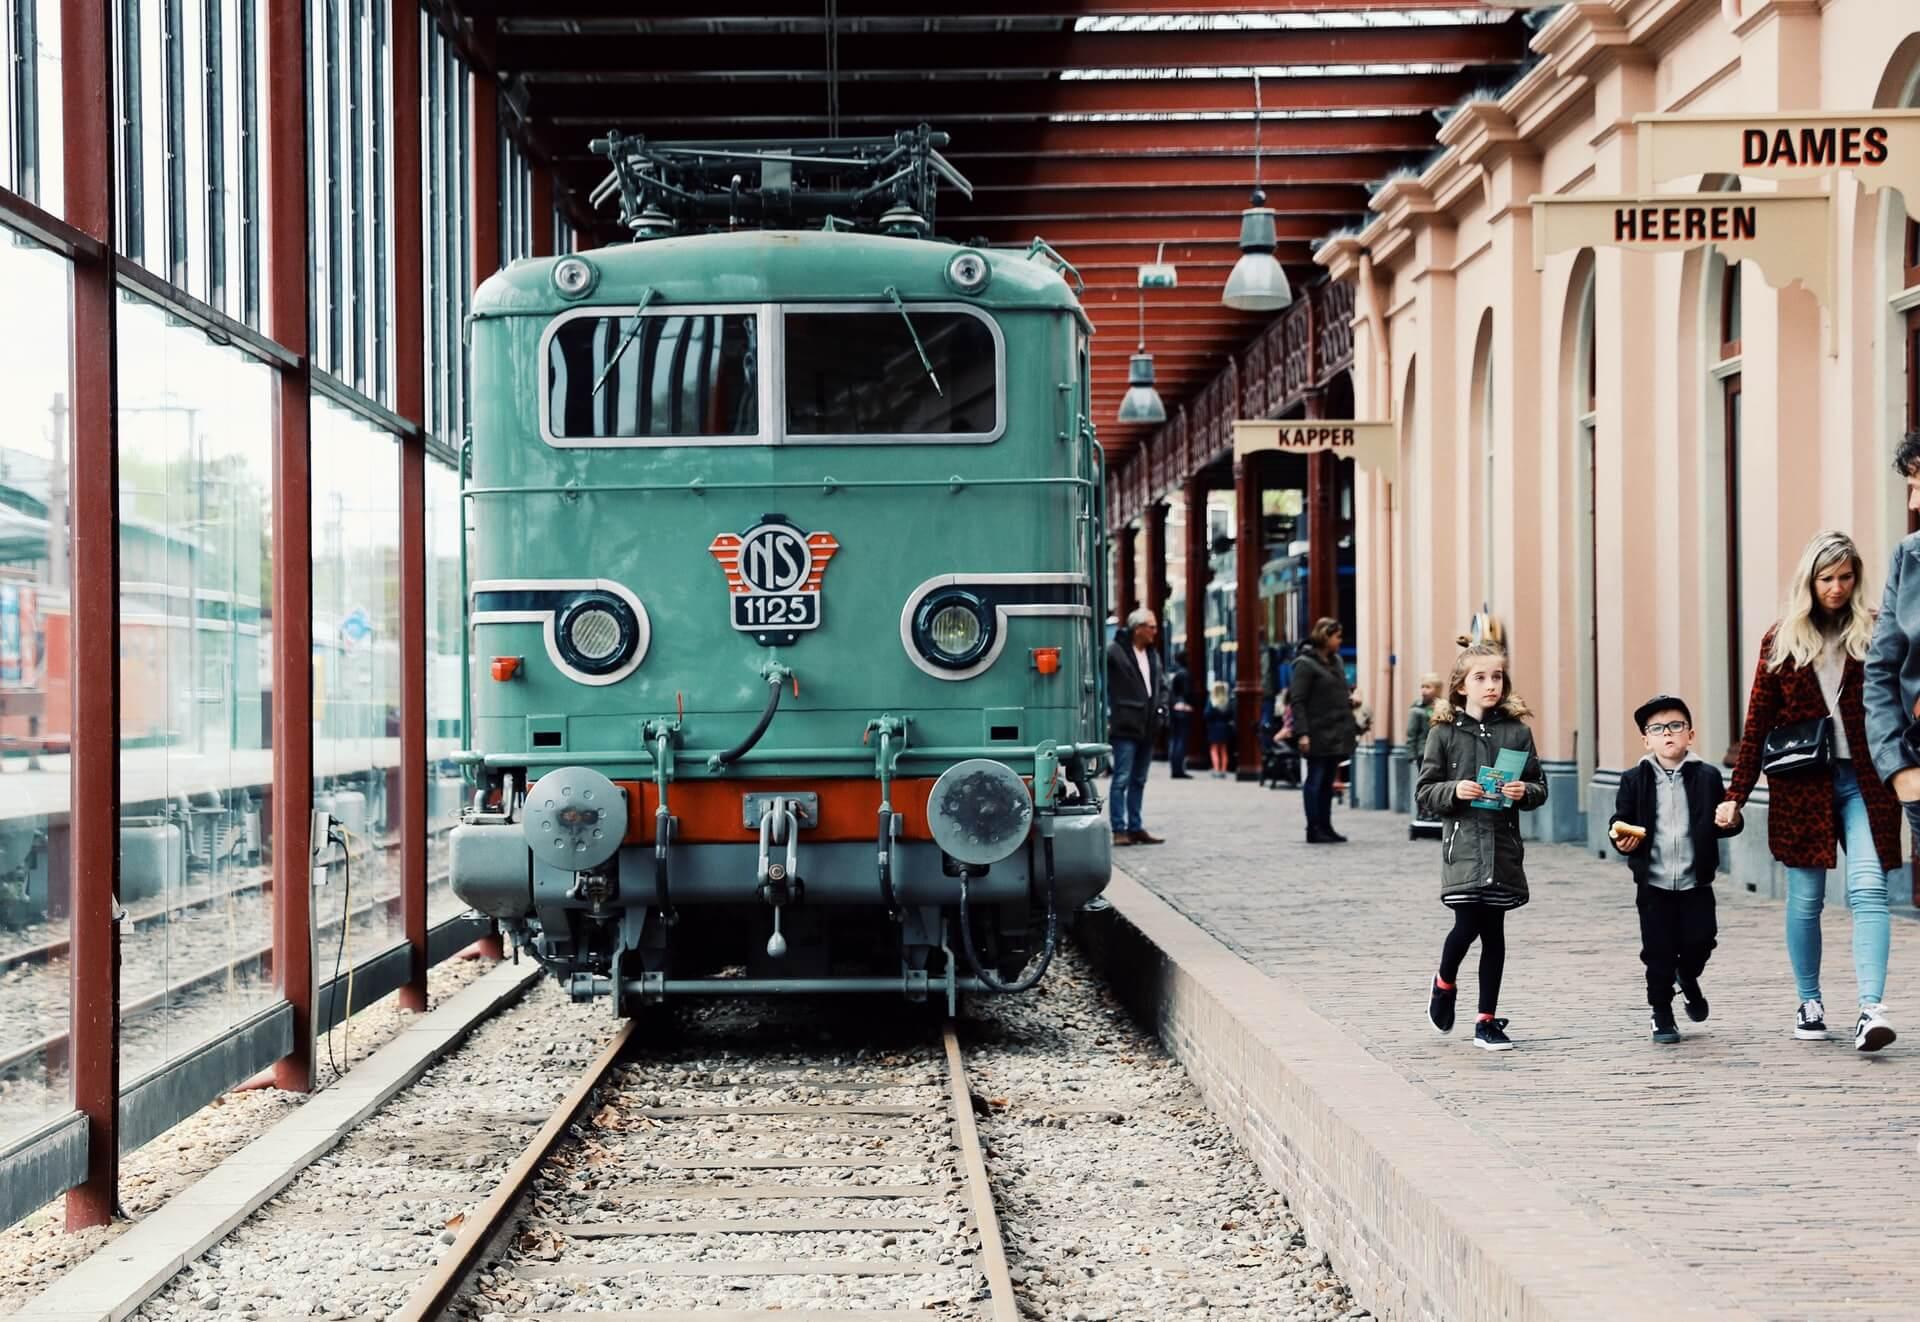 Utrecht trains